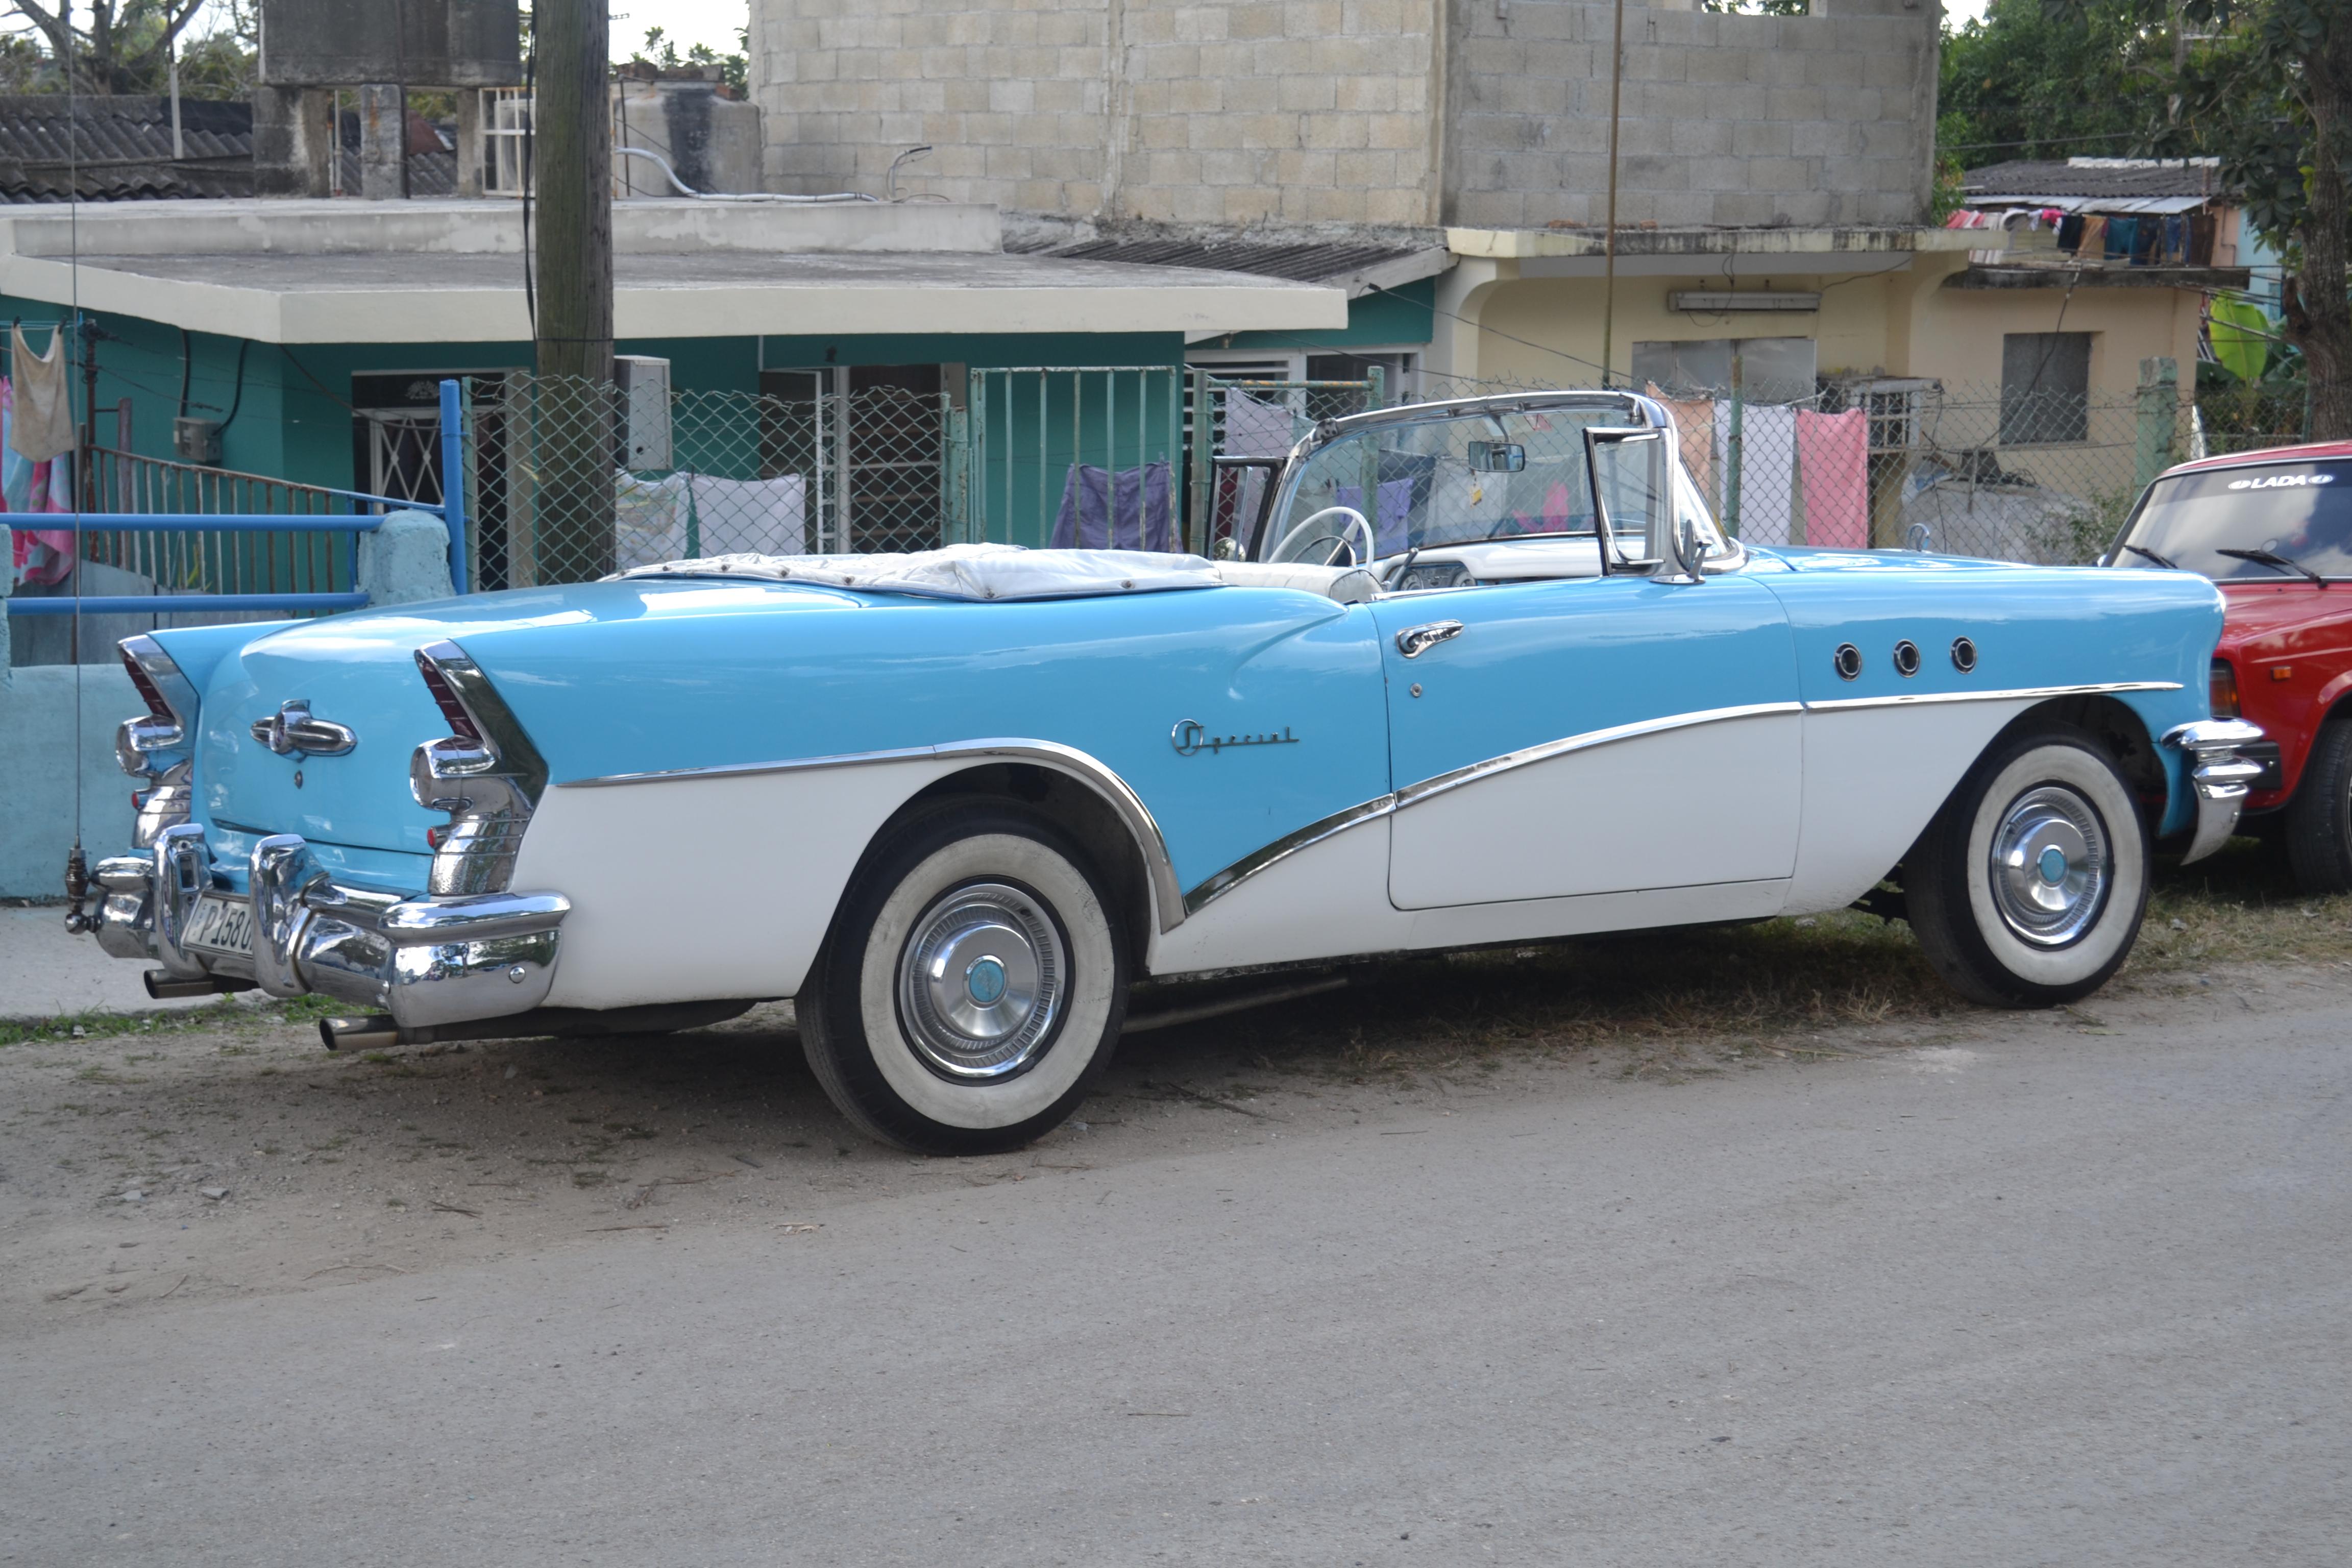 Bianca-azzurra